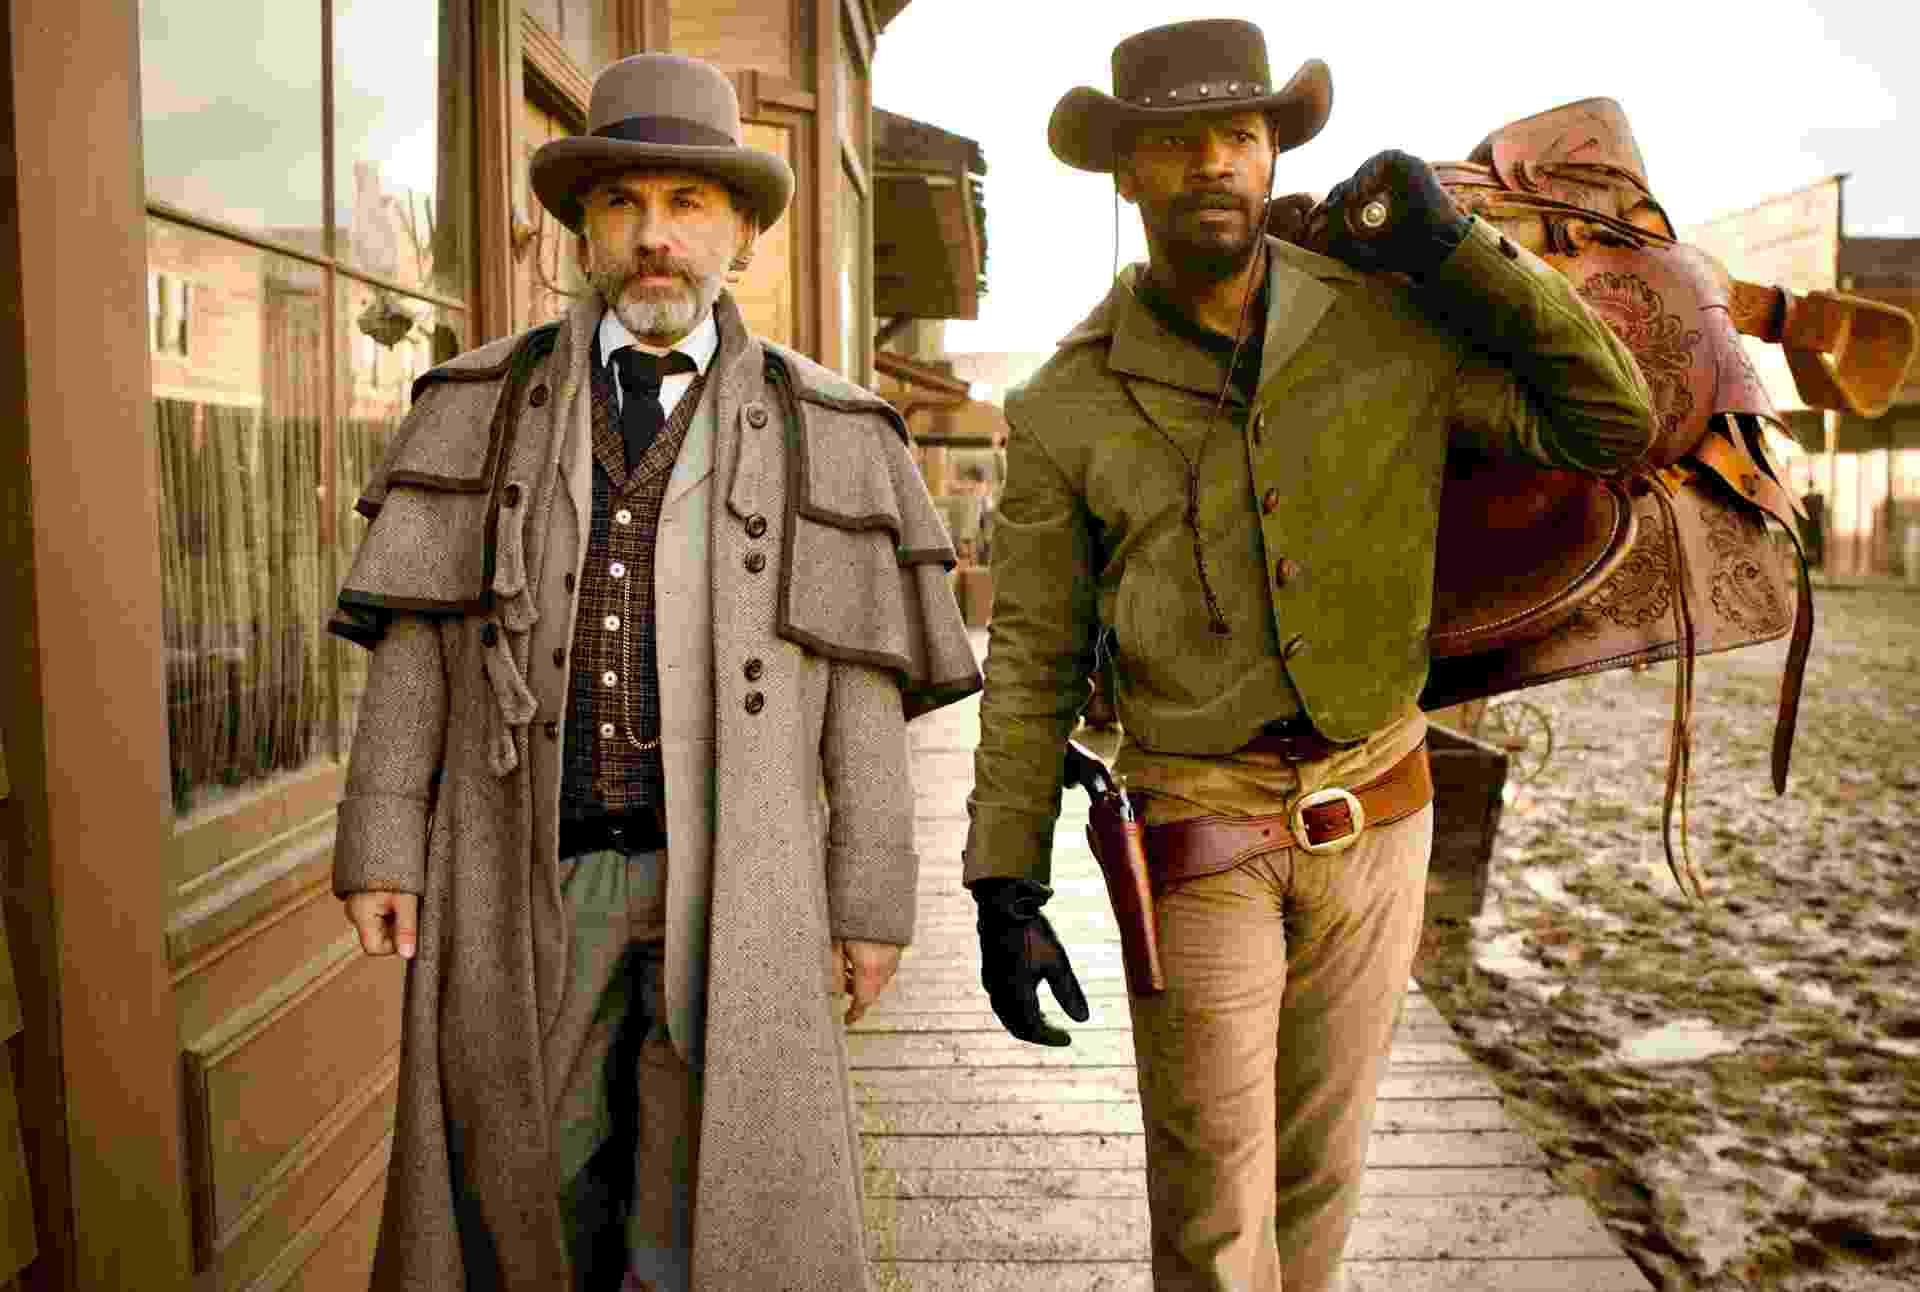 """O caçador de recompensas alemão dr. King Schultz (Christoph Waltz) e o escravo Django (Jamie Foxx) em cena de """"Django Livre"""", de Quentin Tarantino - Divulgação/Sony Pictures"""